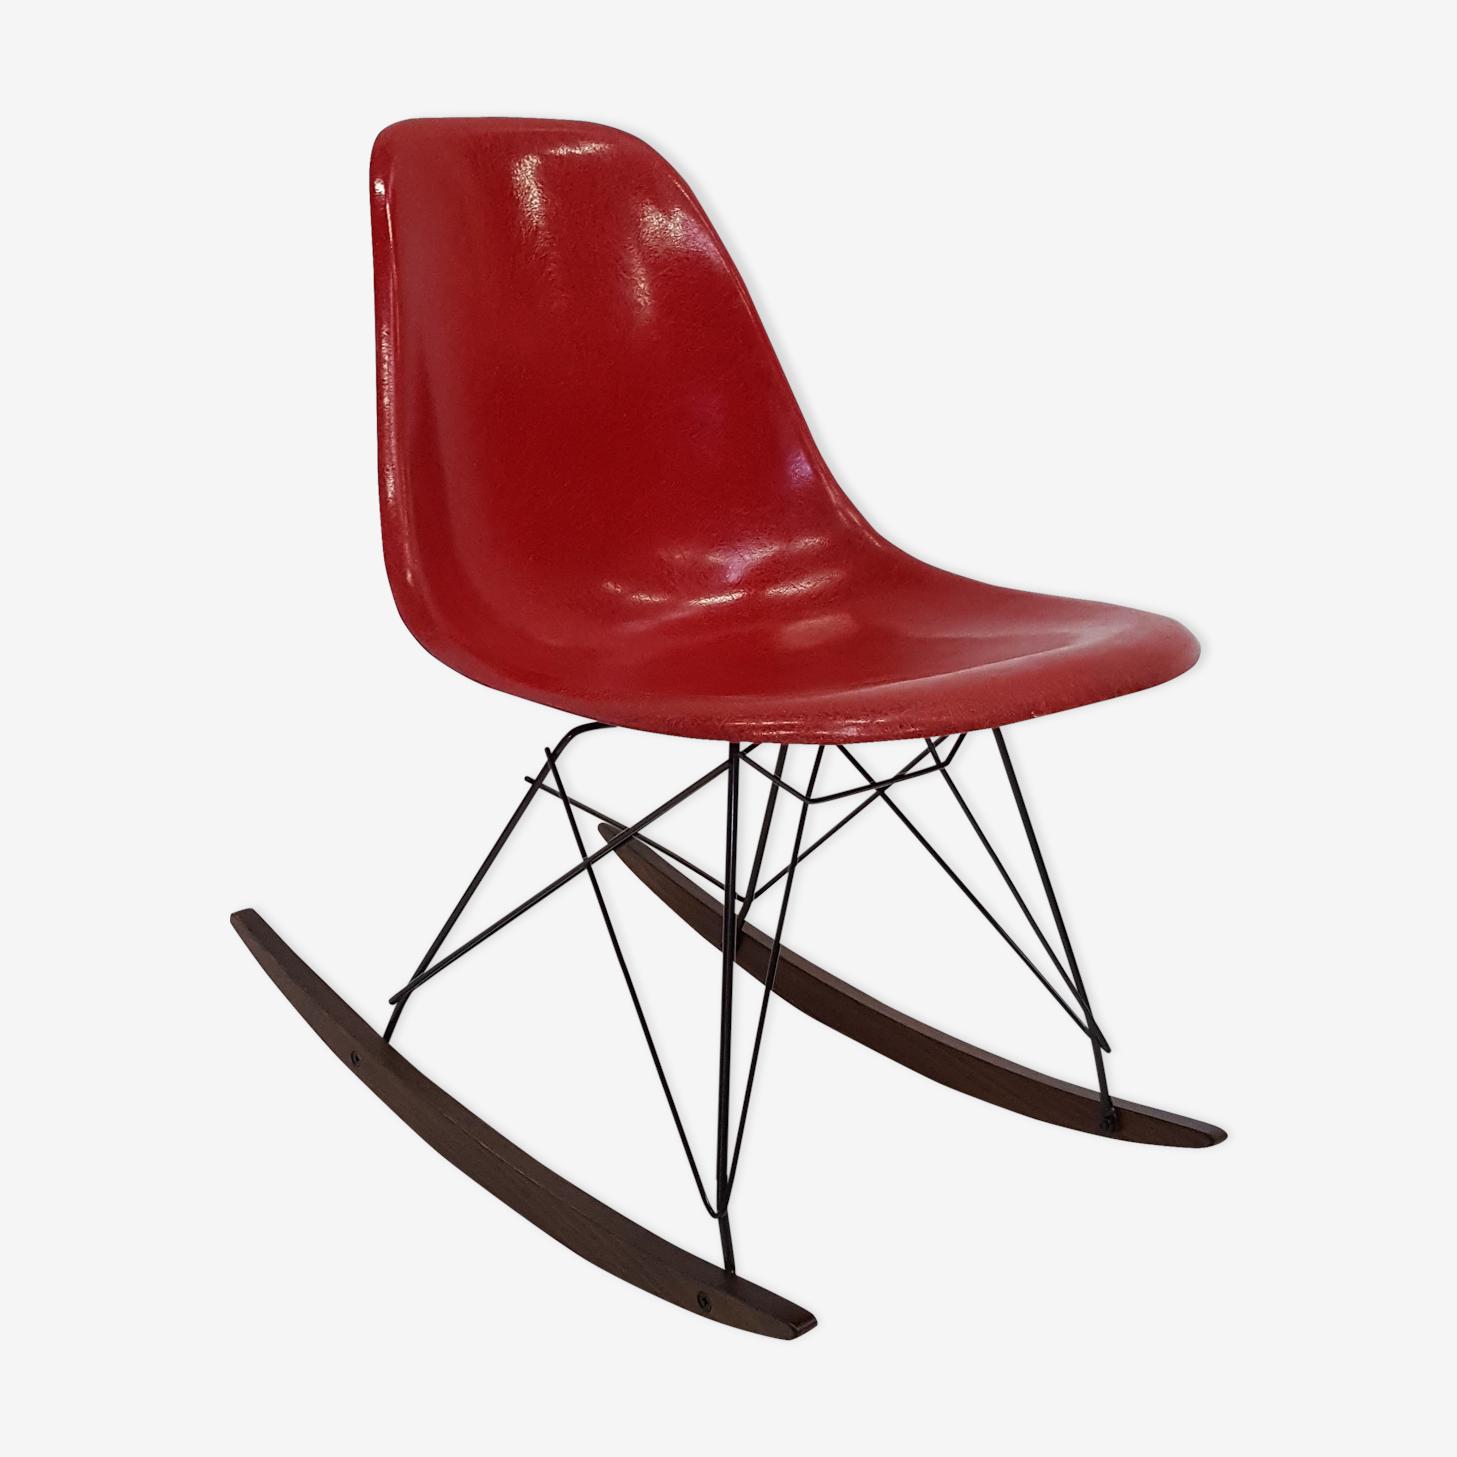 Rocking chair Eames en fibre de verre rouge des années 70